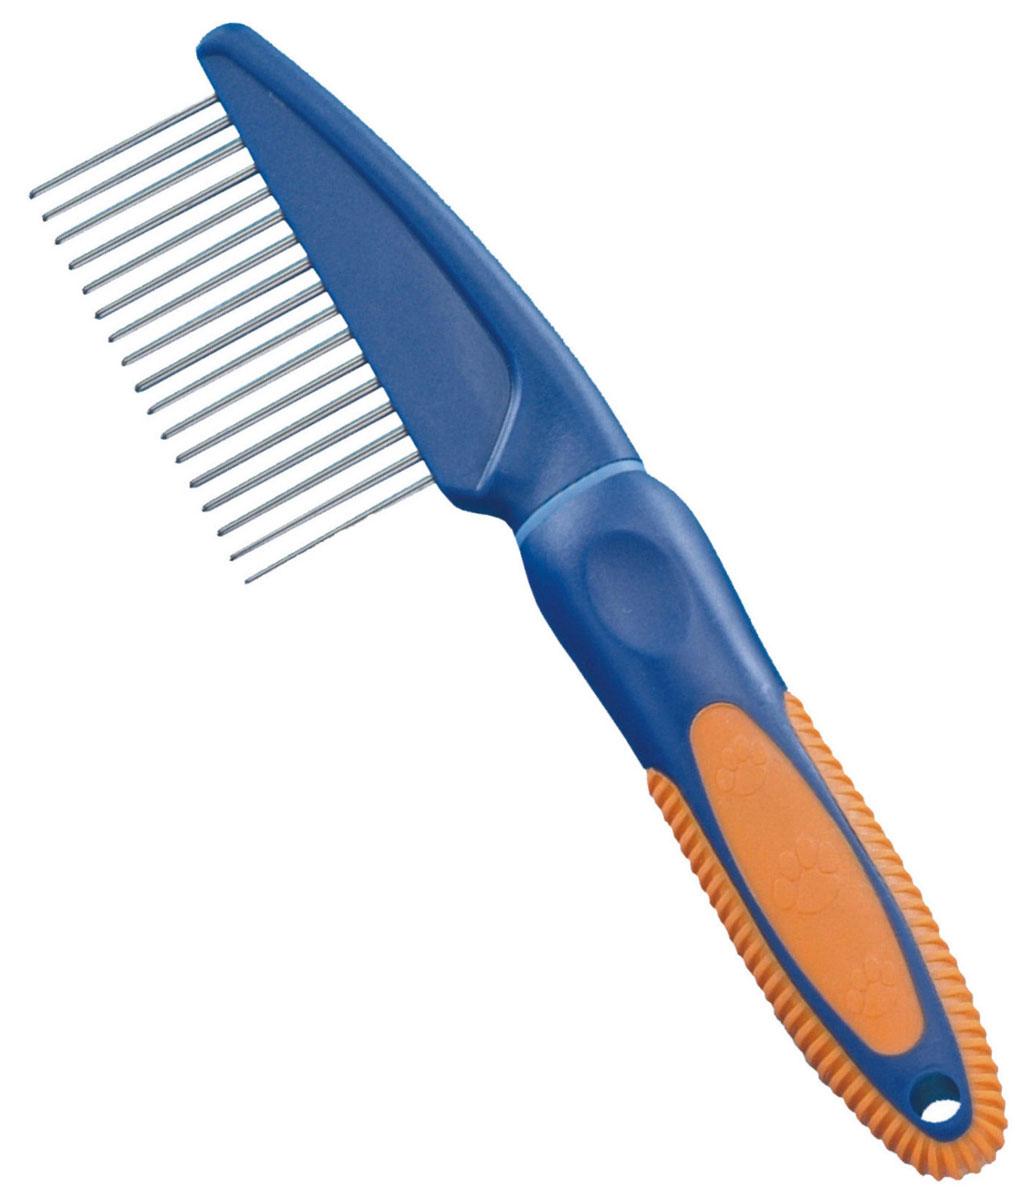 Расческа для животных Nobby. 794700120710Расческа металлическая с различной частотой и длиной зубьев для расчесывания различных видов шерсти.